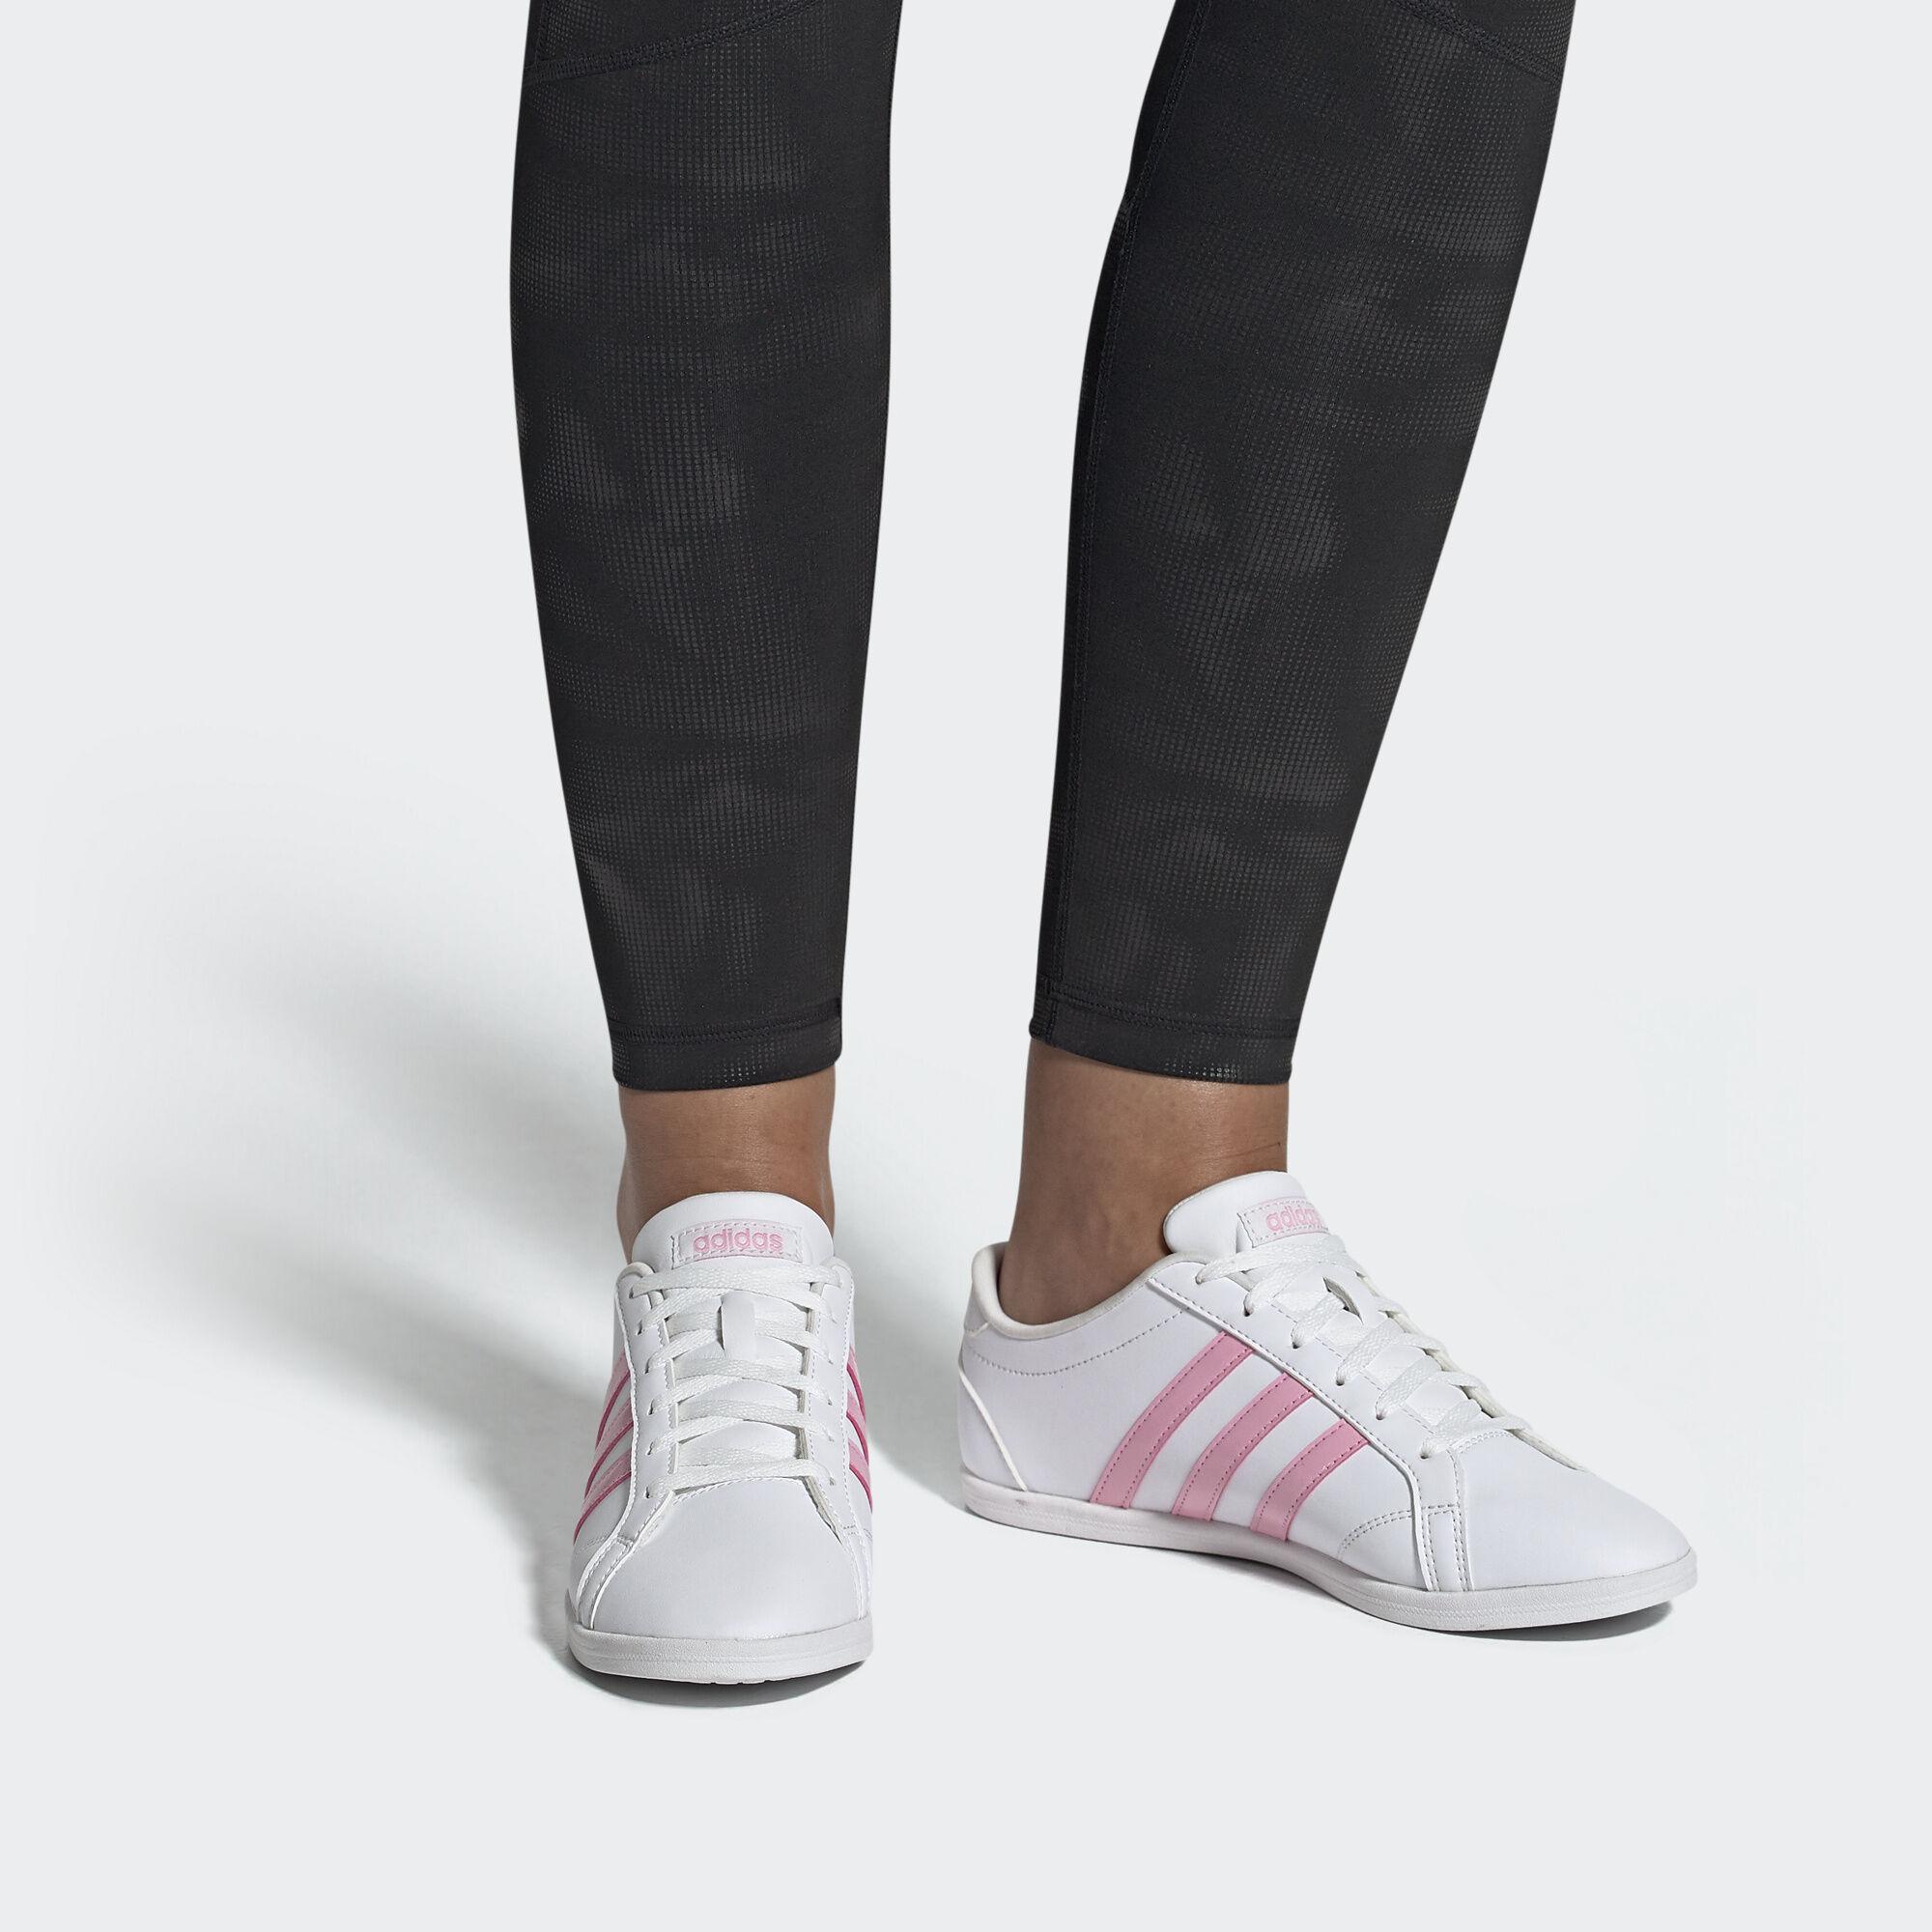 adidas coneo zapatillas negras